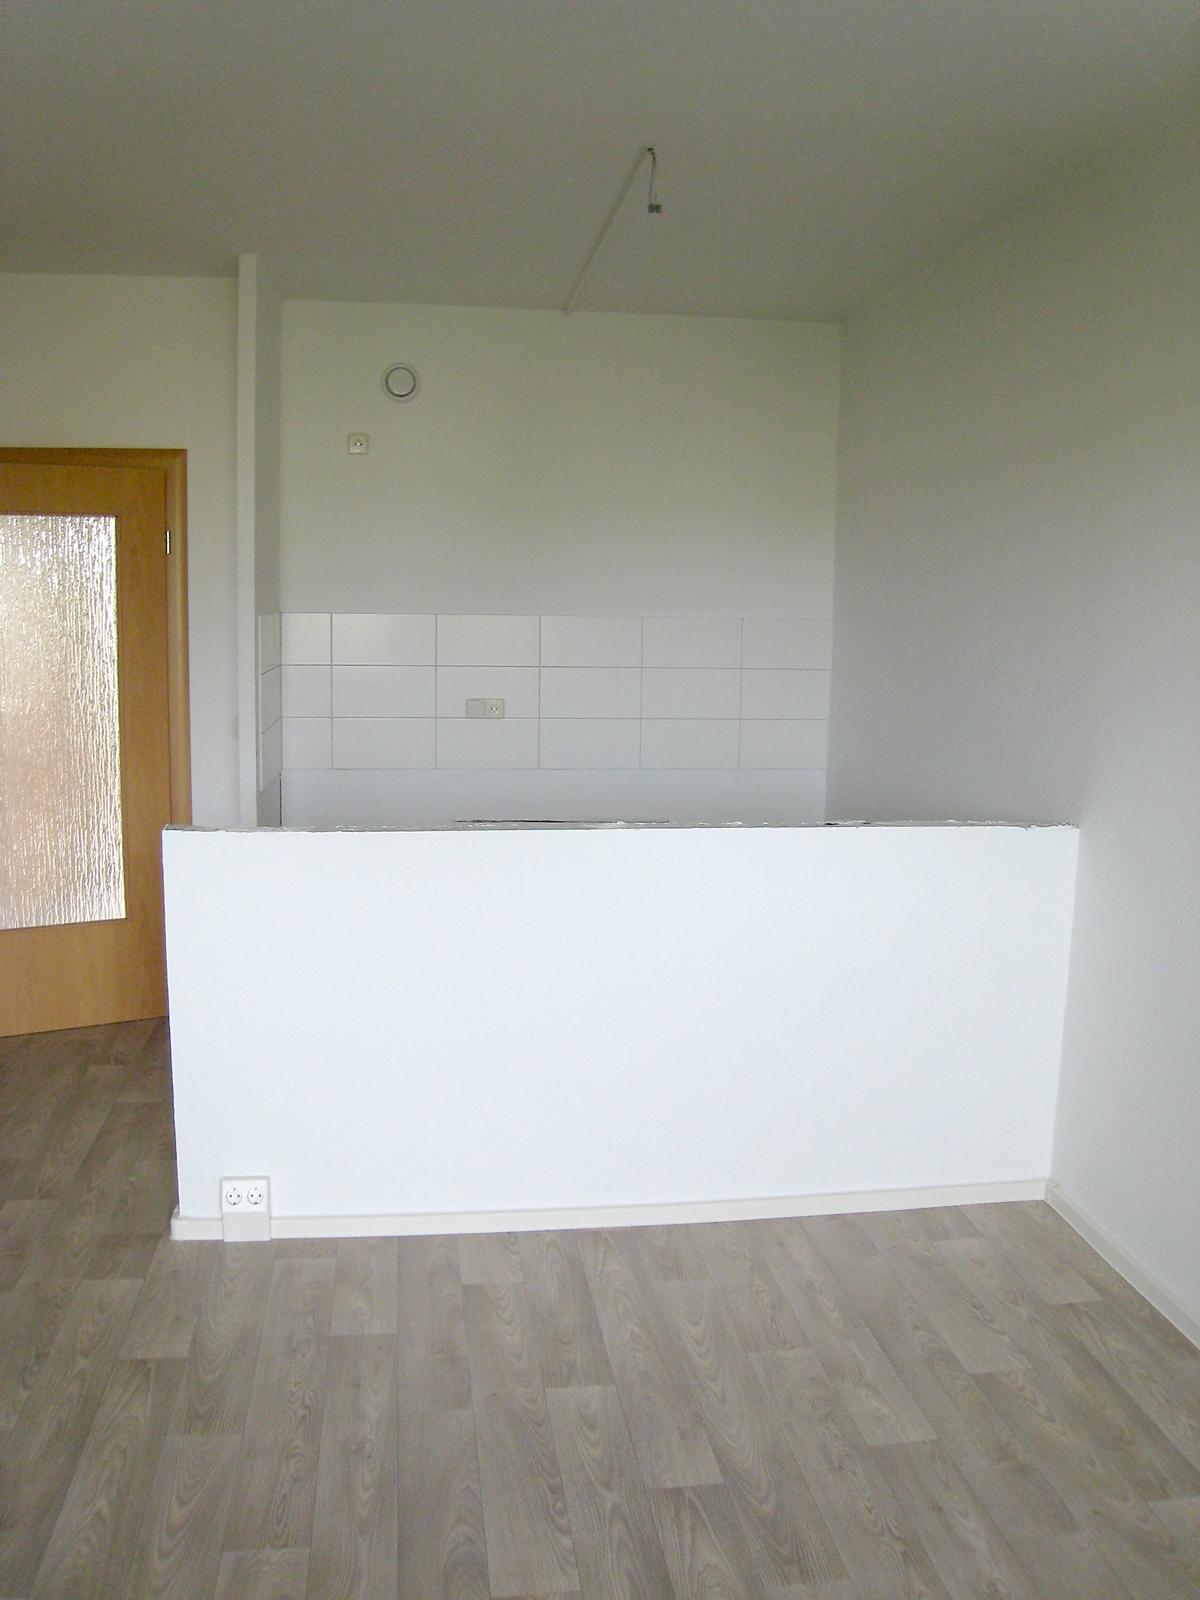 Wohnungssuche Hohenstein Ernstthal | WG HOT